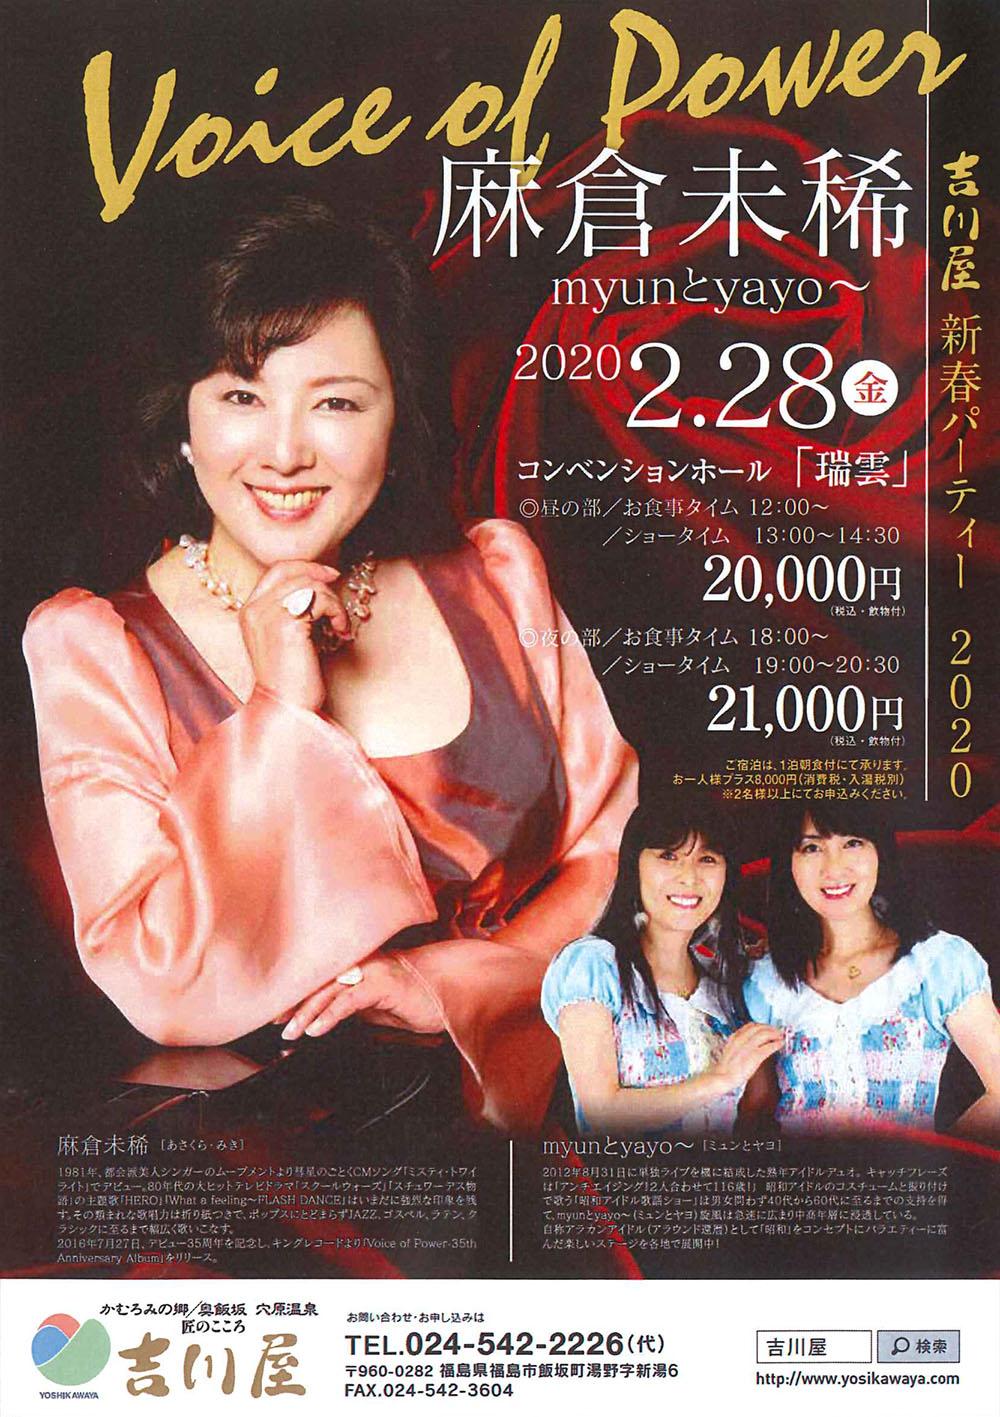 吉川屋新春パーティー2020